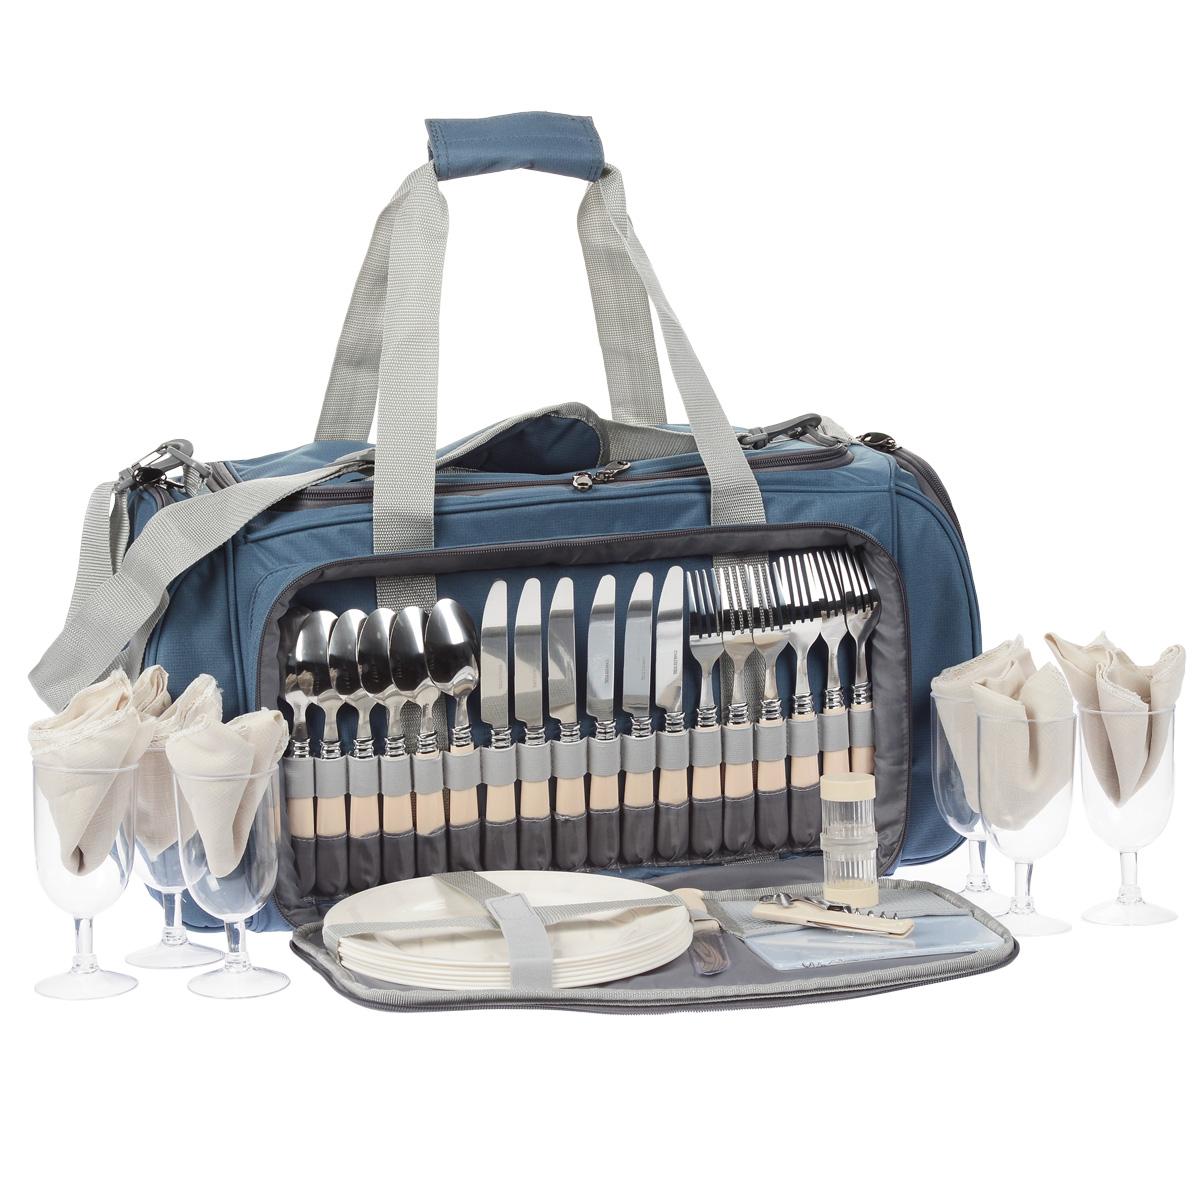 """Термосумка Norfin """"Forssa"""", с посудой, цвет: голубой, серый, 57 см х 30 см х 29 см NFL-40107"""